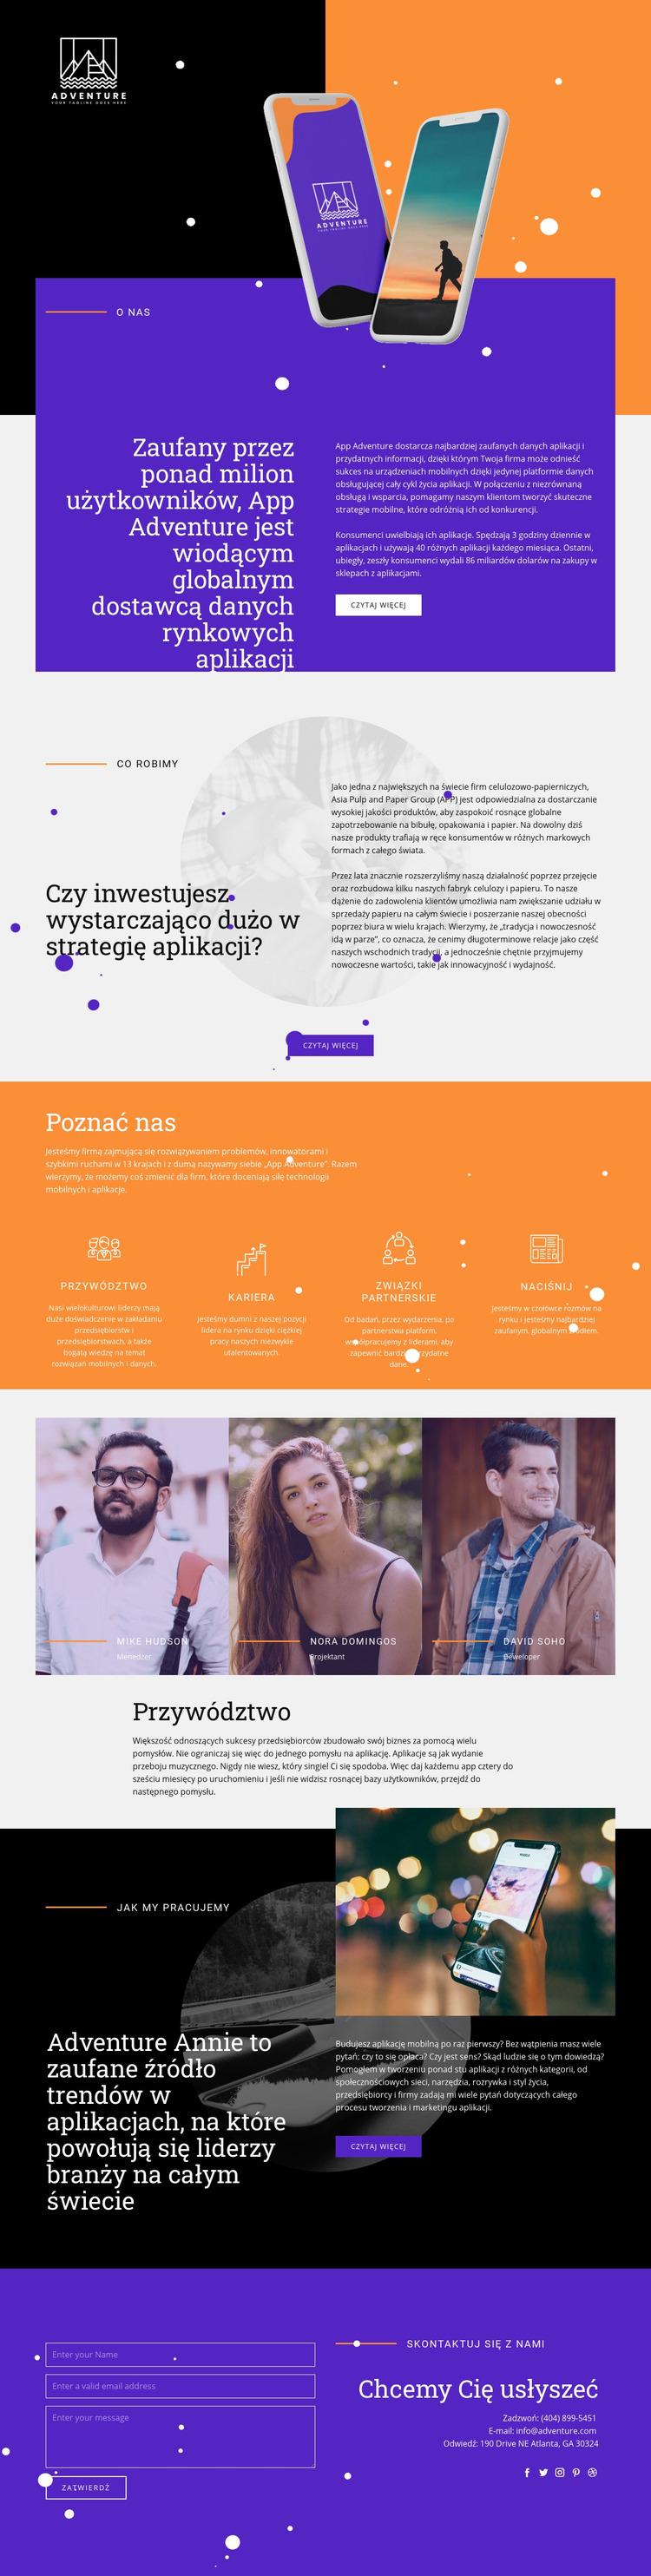 Aplikacja podróżnicza Szablon Joomla